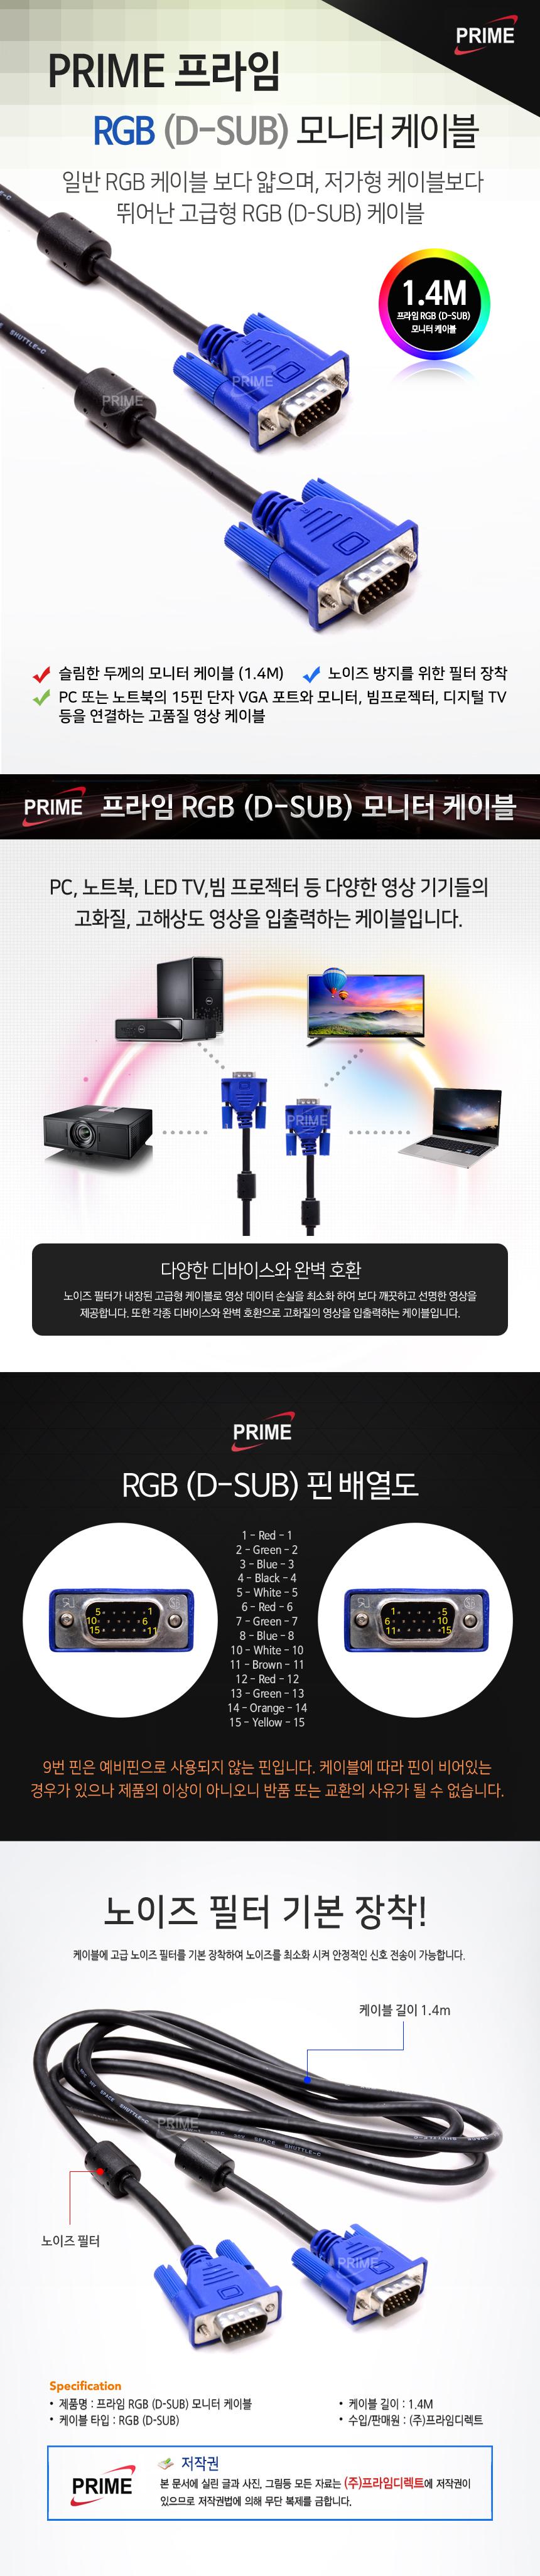 프라임디렉트 고급형 RGB 모니터 케이블 (1.4m)